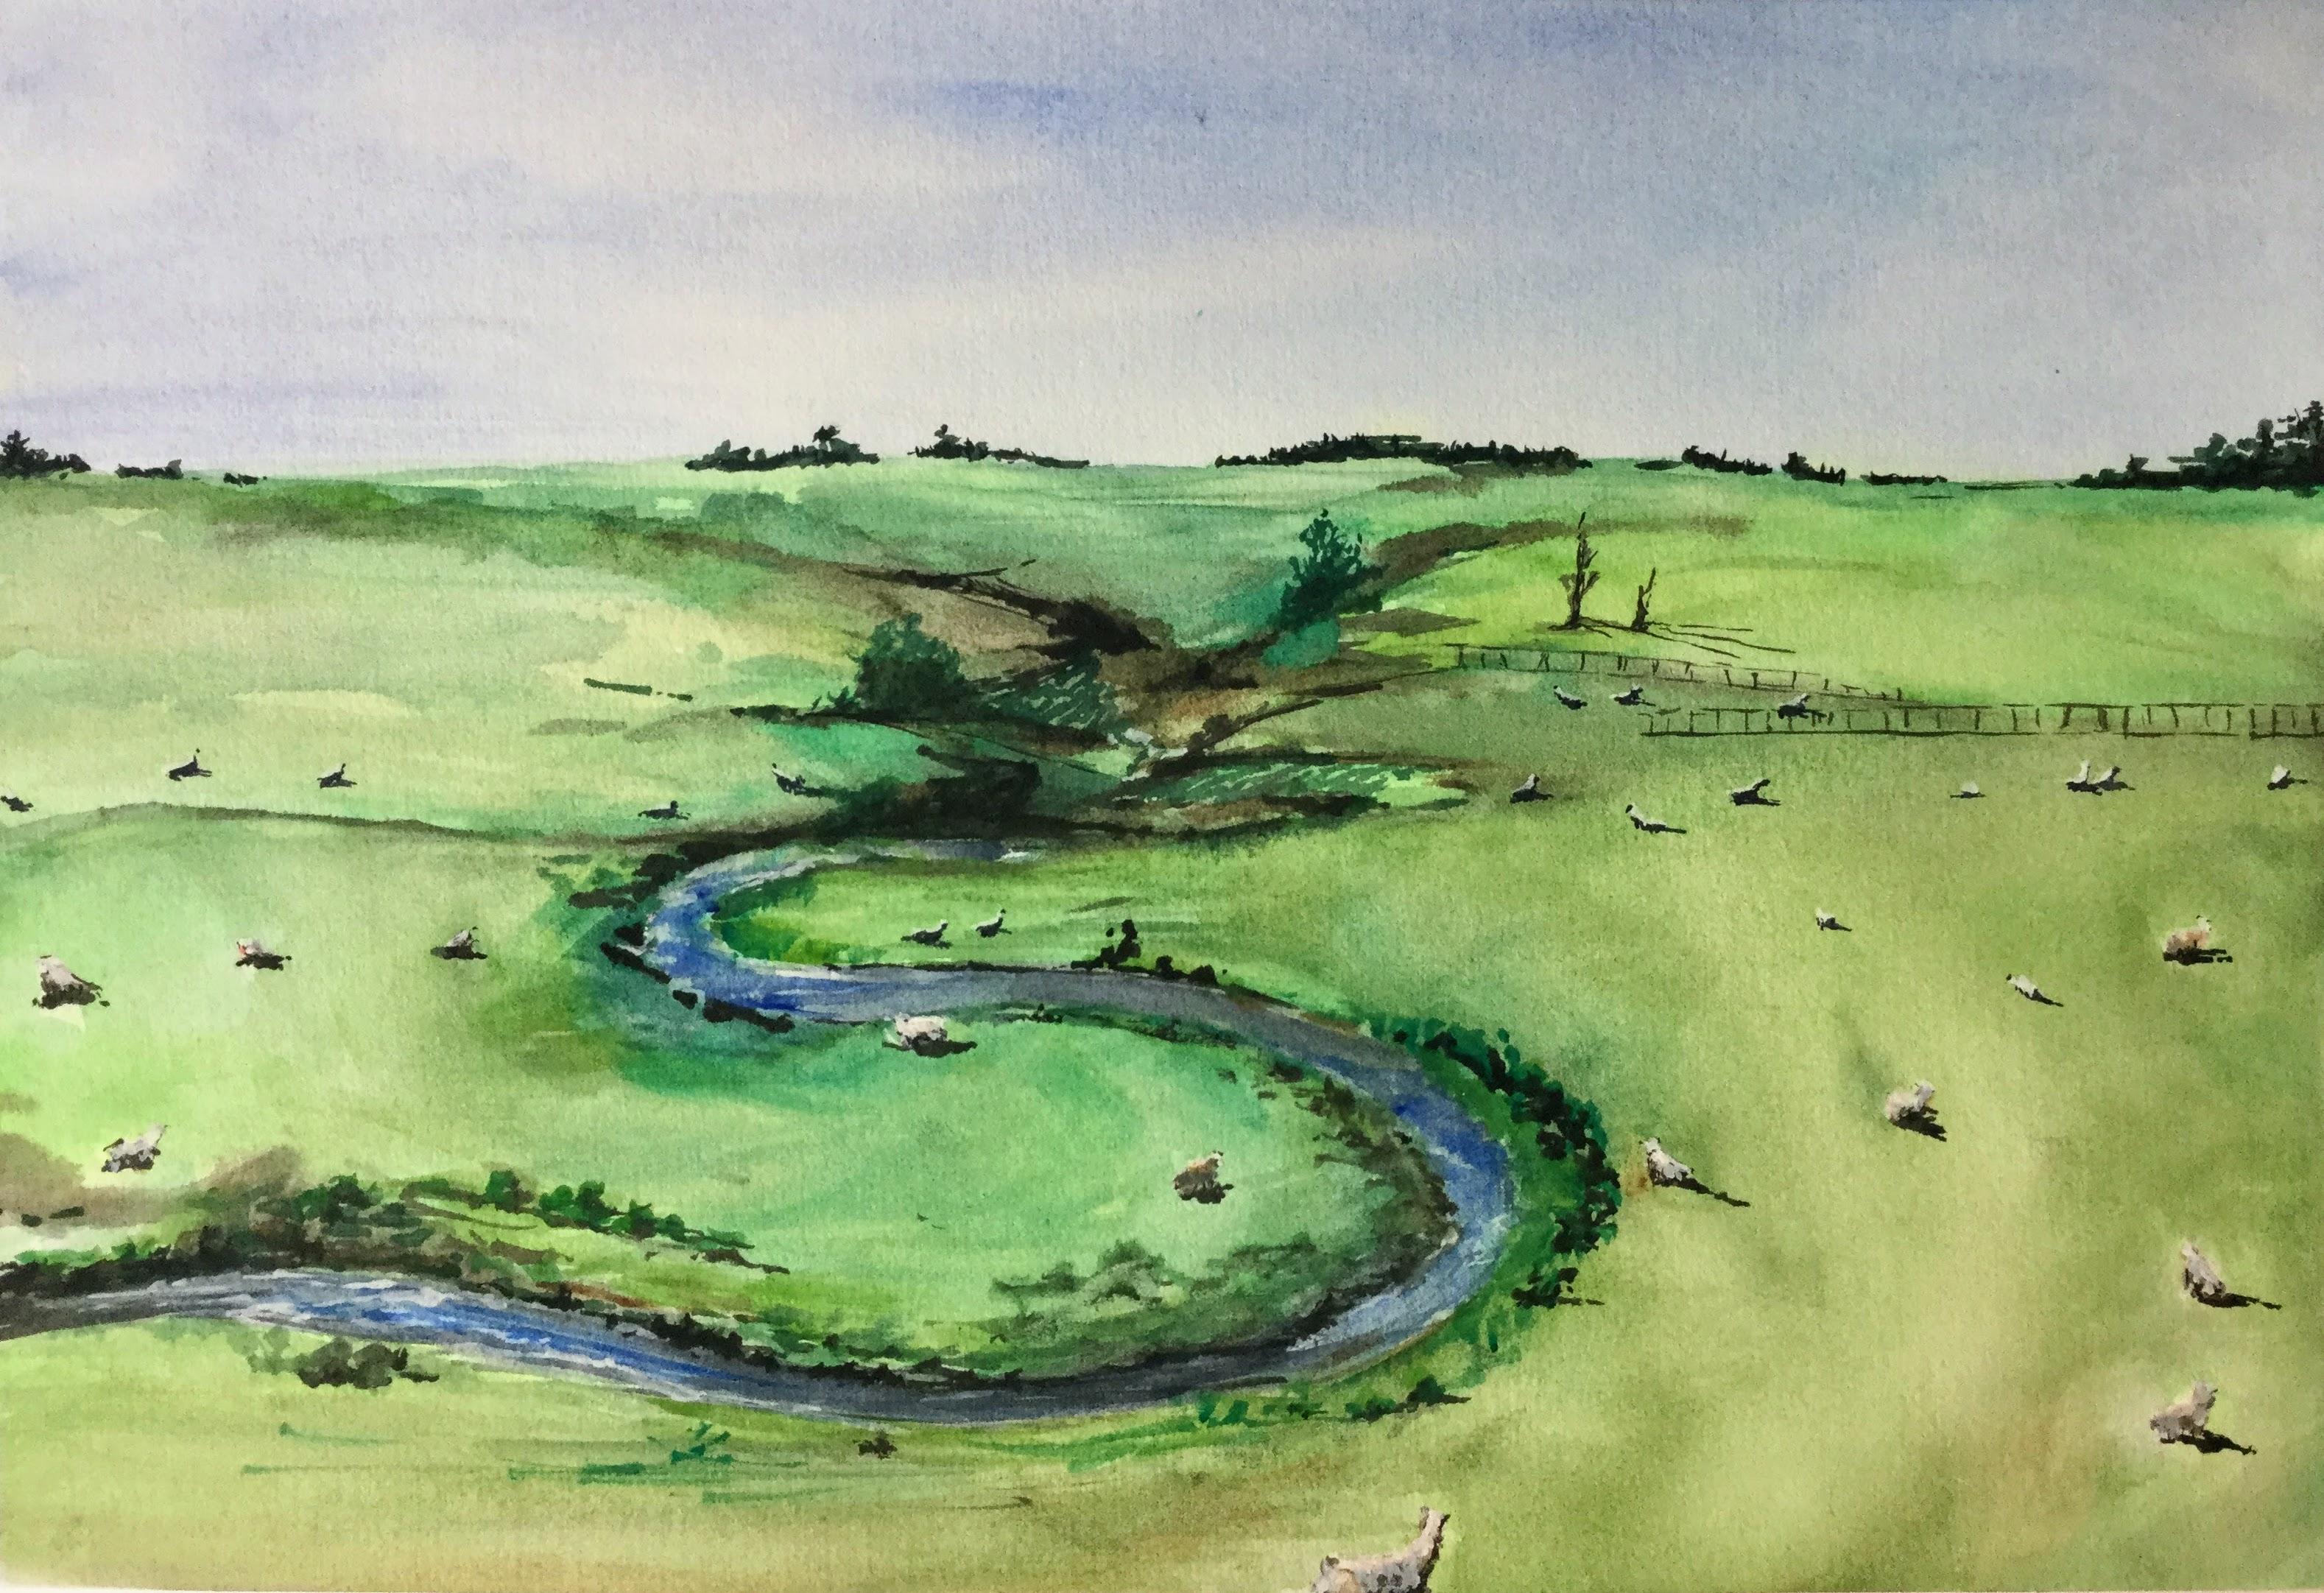 Meadow & sheeps